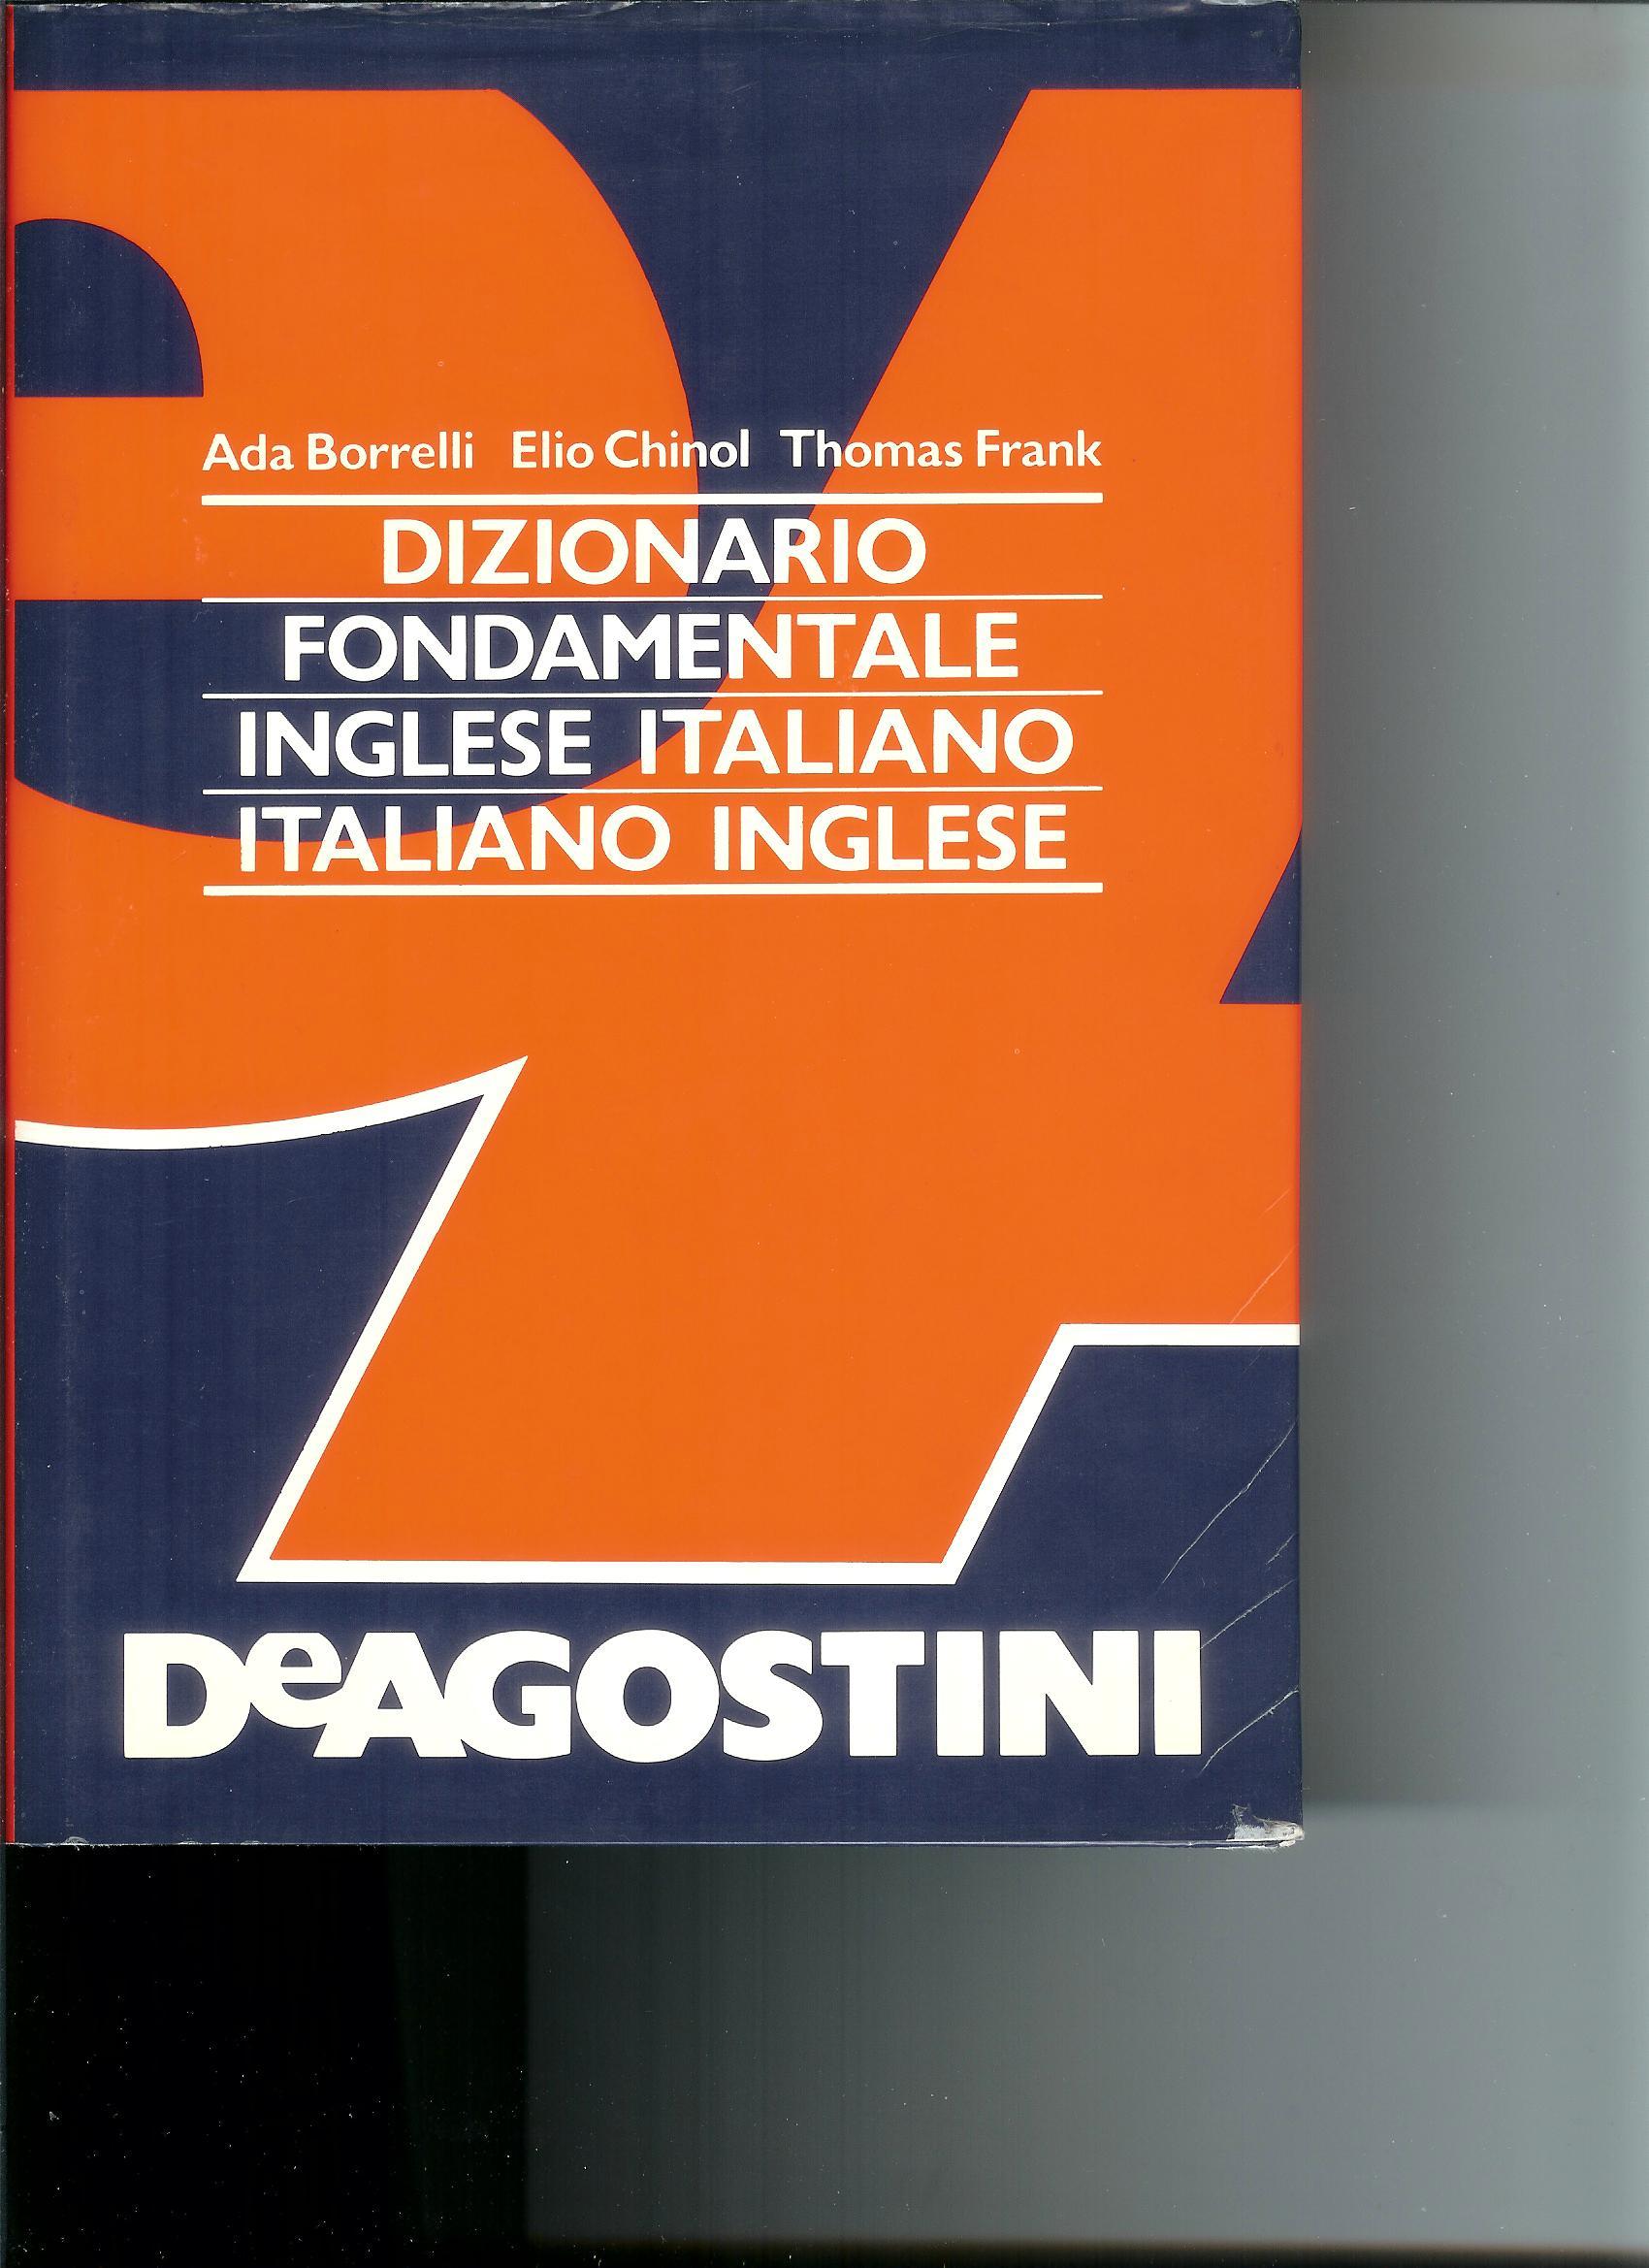 Dizionario Fondamentale Inglese/Italiano Italiano/Inglese